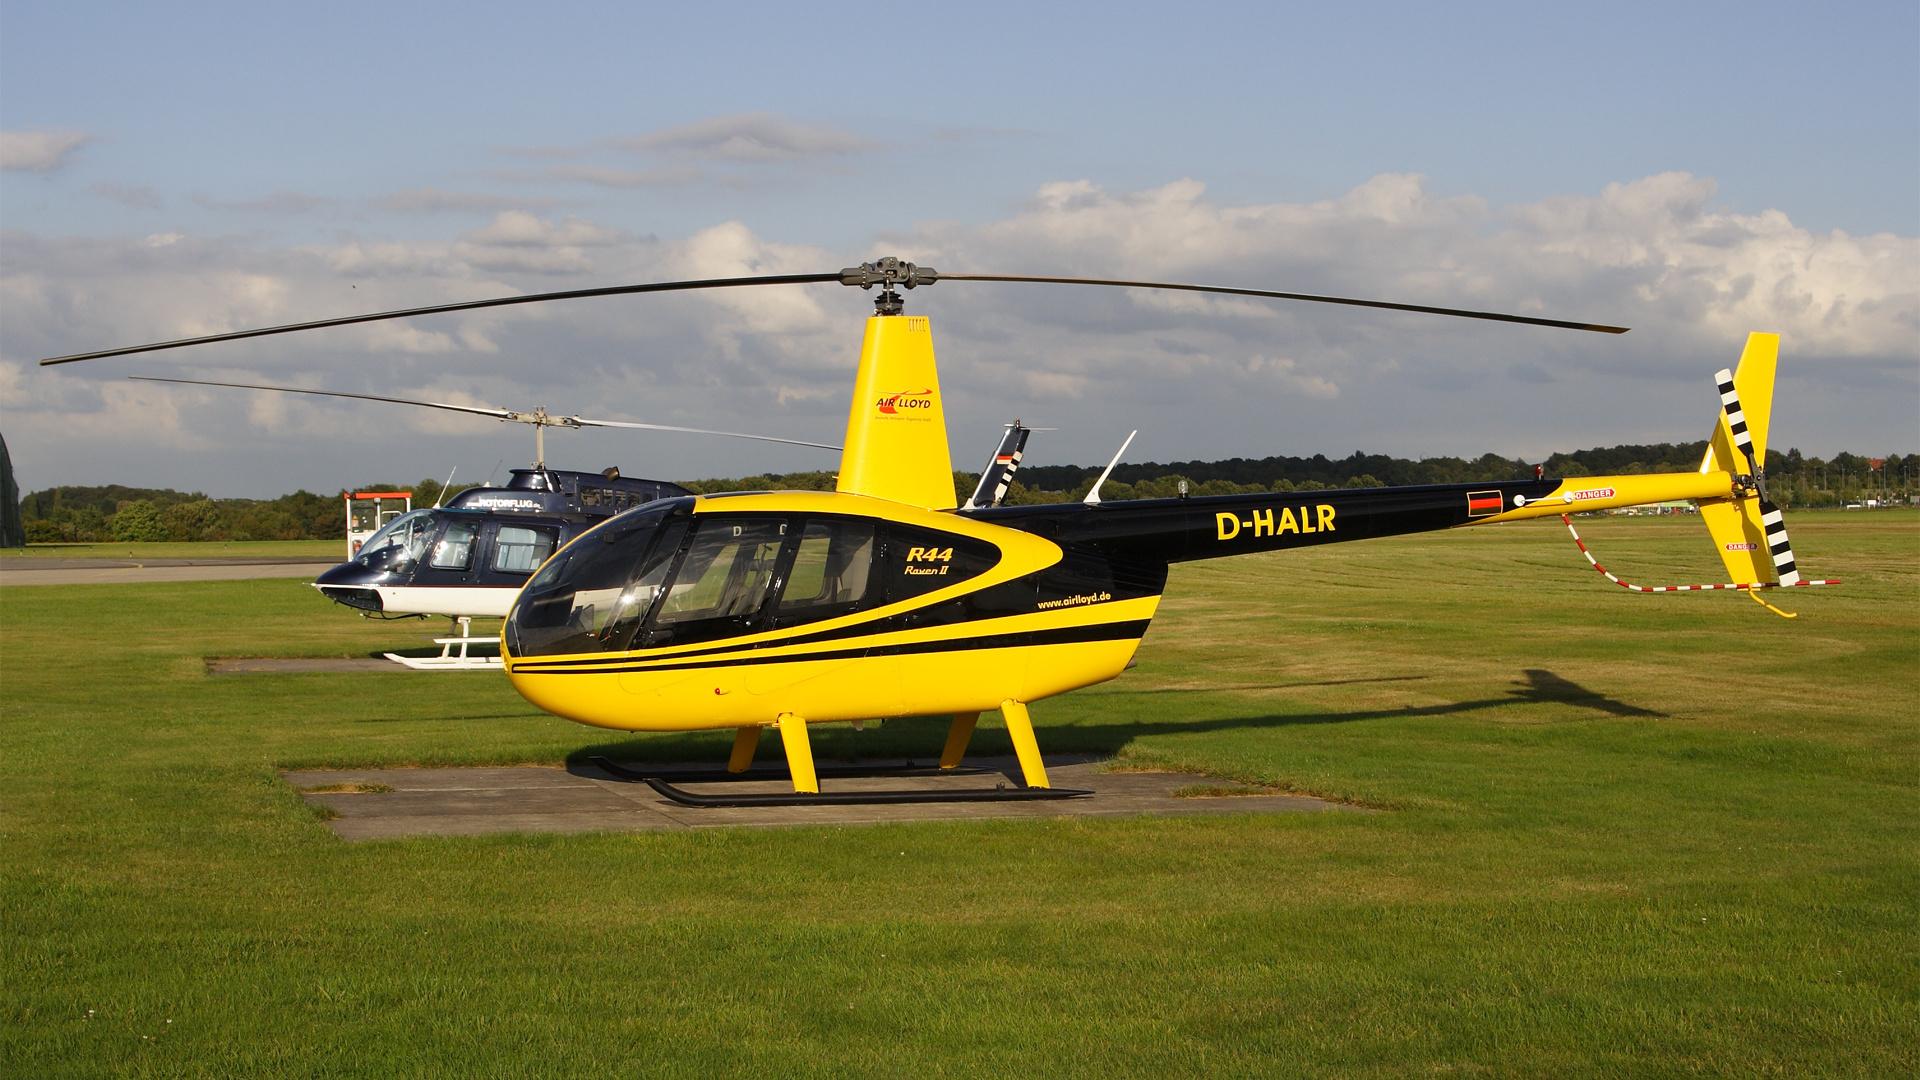 D-HALR-1 R44 ESS 200909